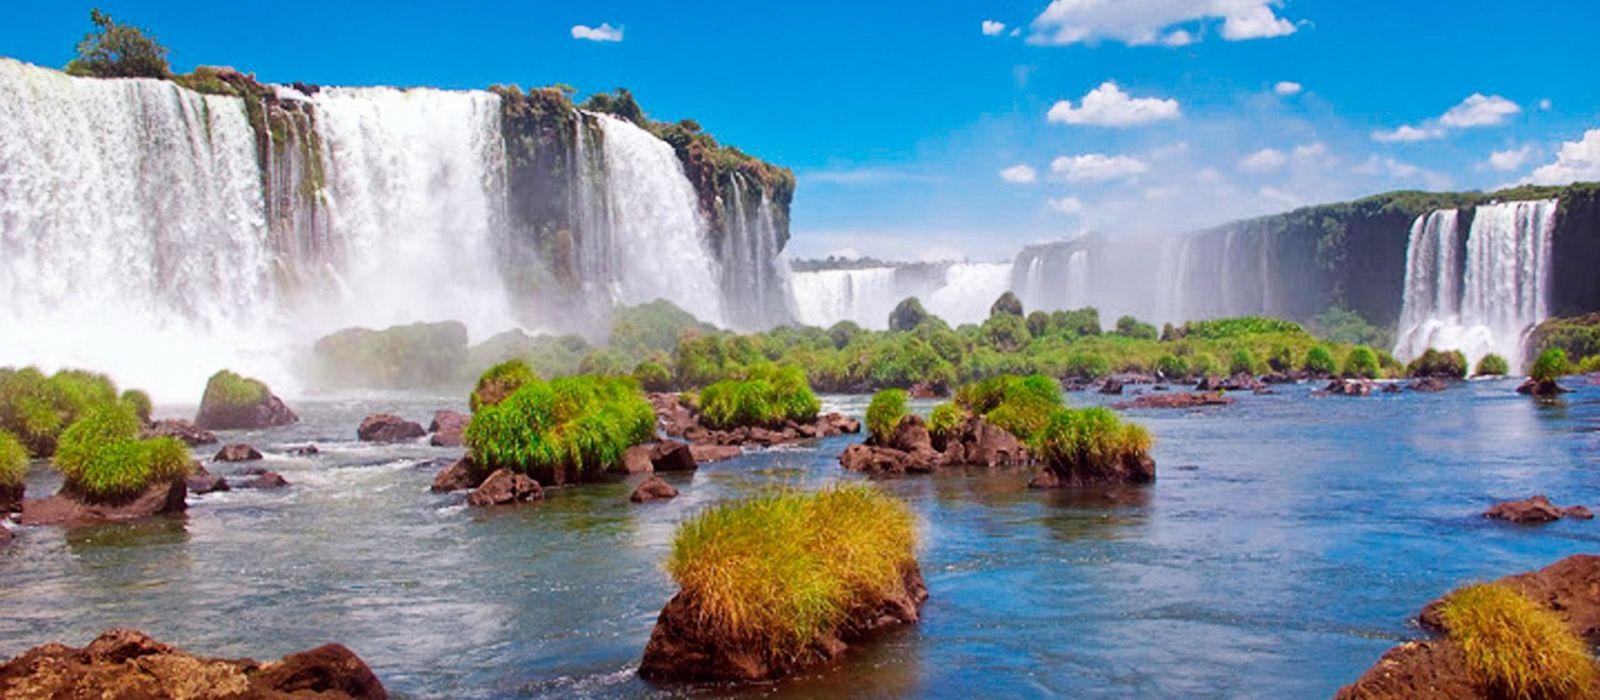 Brazil's Beaches, Rio and the Amazon Tour Trip 3